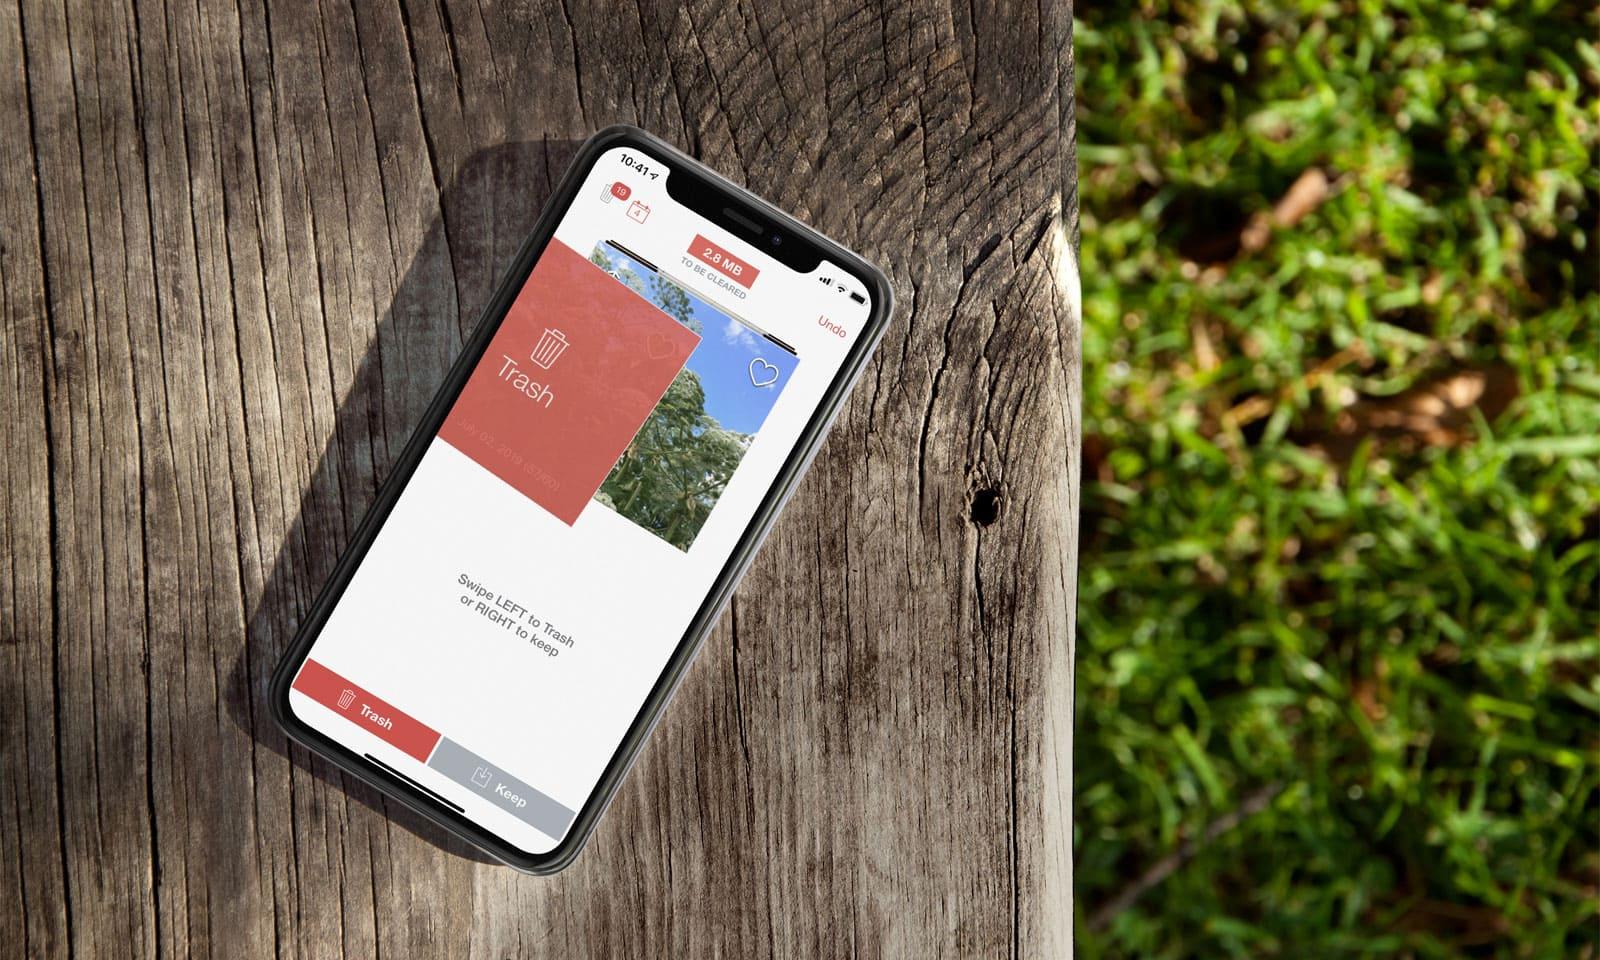 De app Flic verwijdert je foto's snel van je iPhone